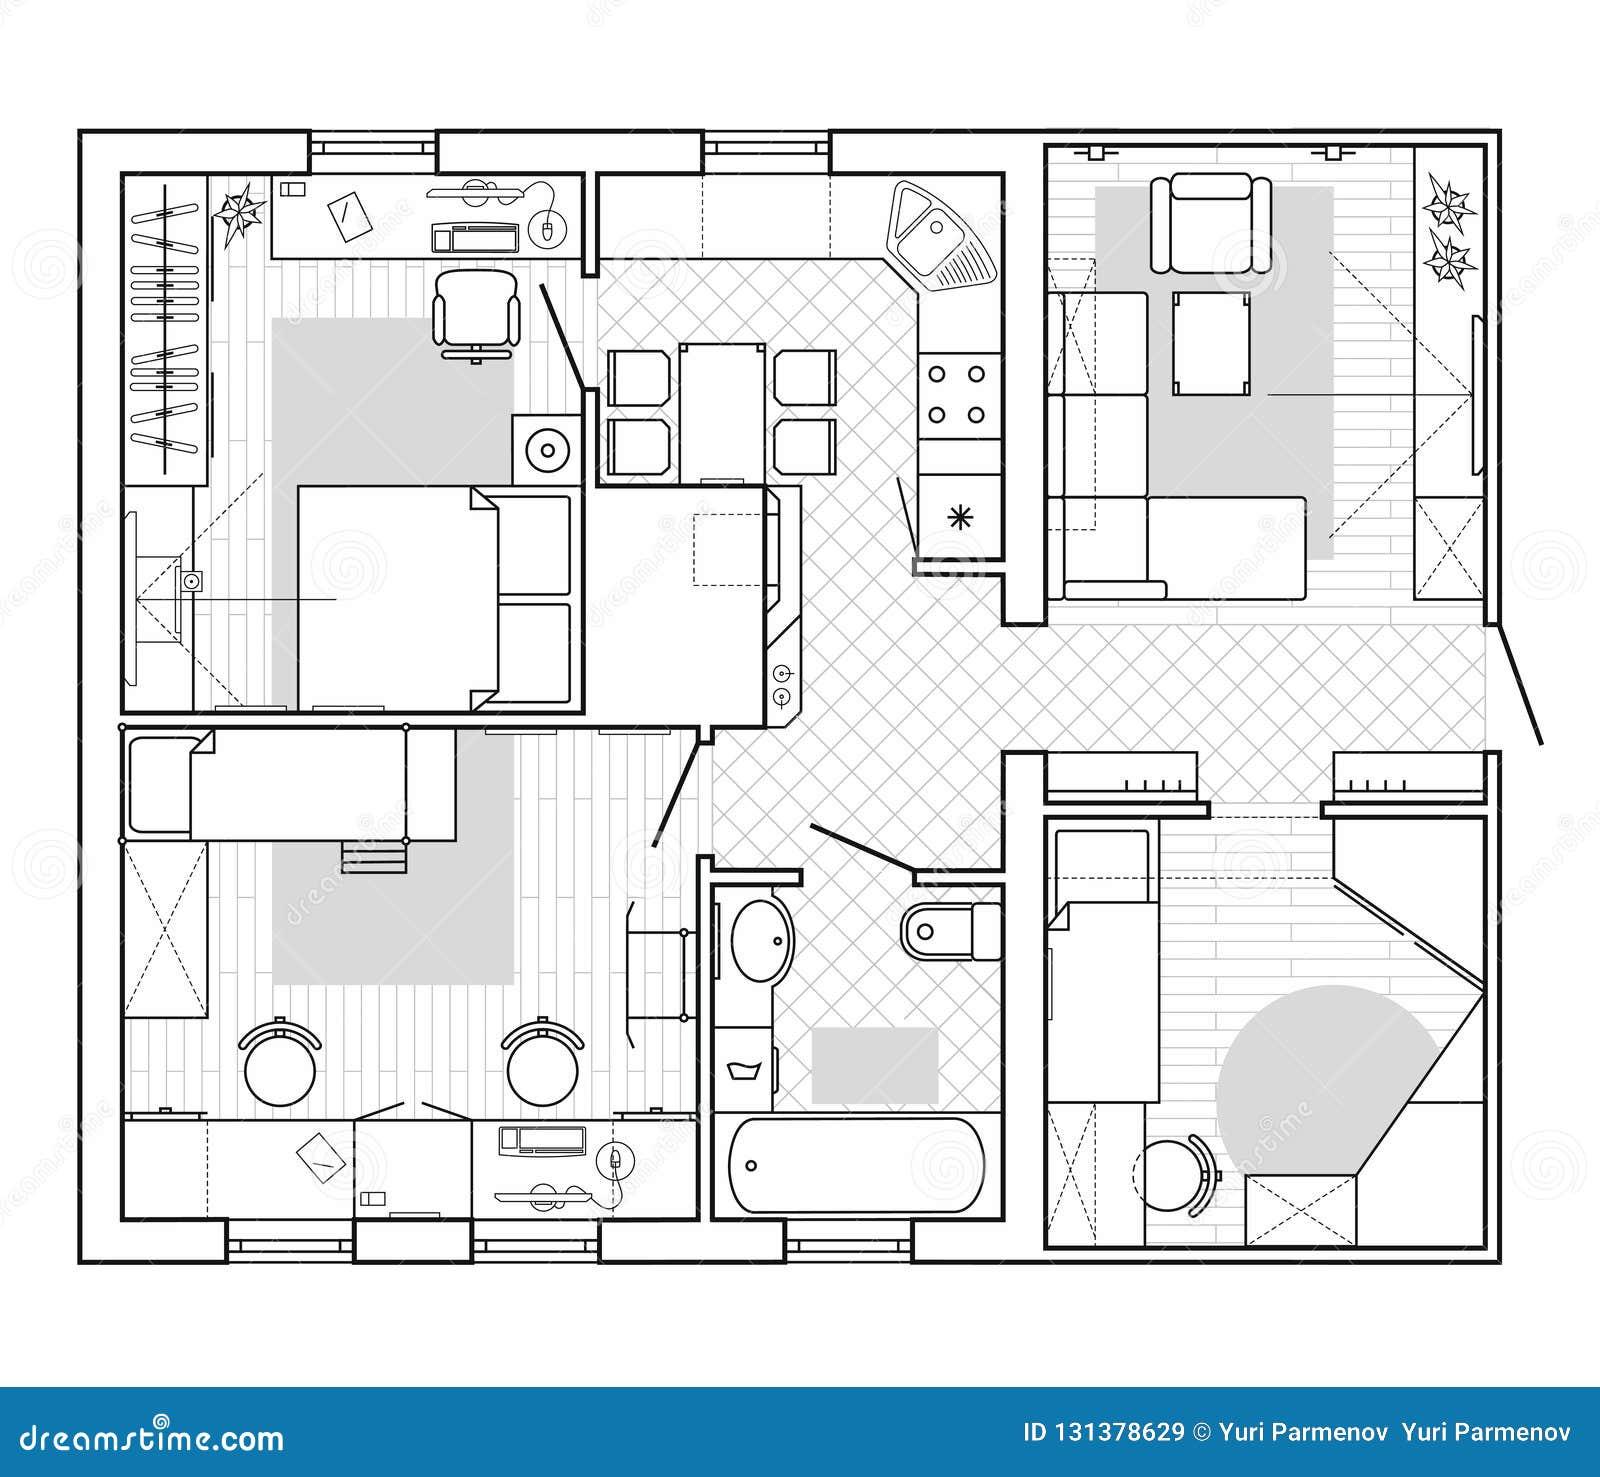 Plan Architectural D'une Maison Plan D'étage De L'appartement Avec Les Meubles Illustration de ...